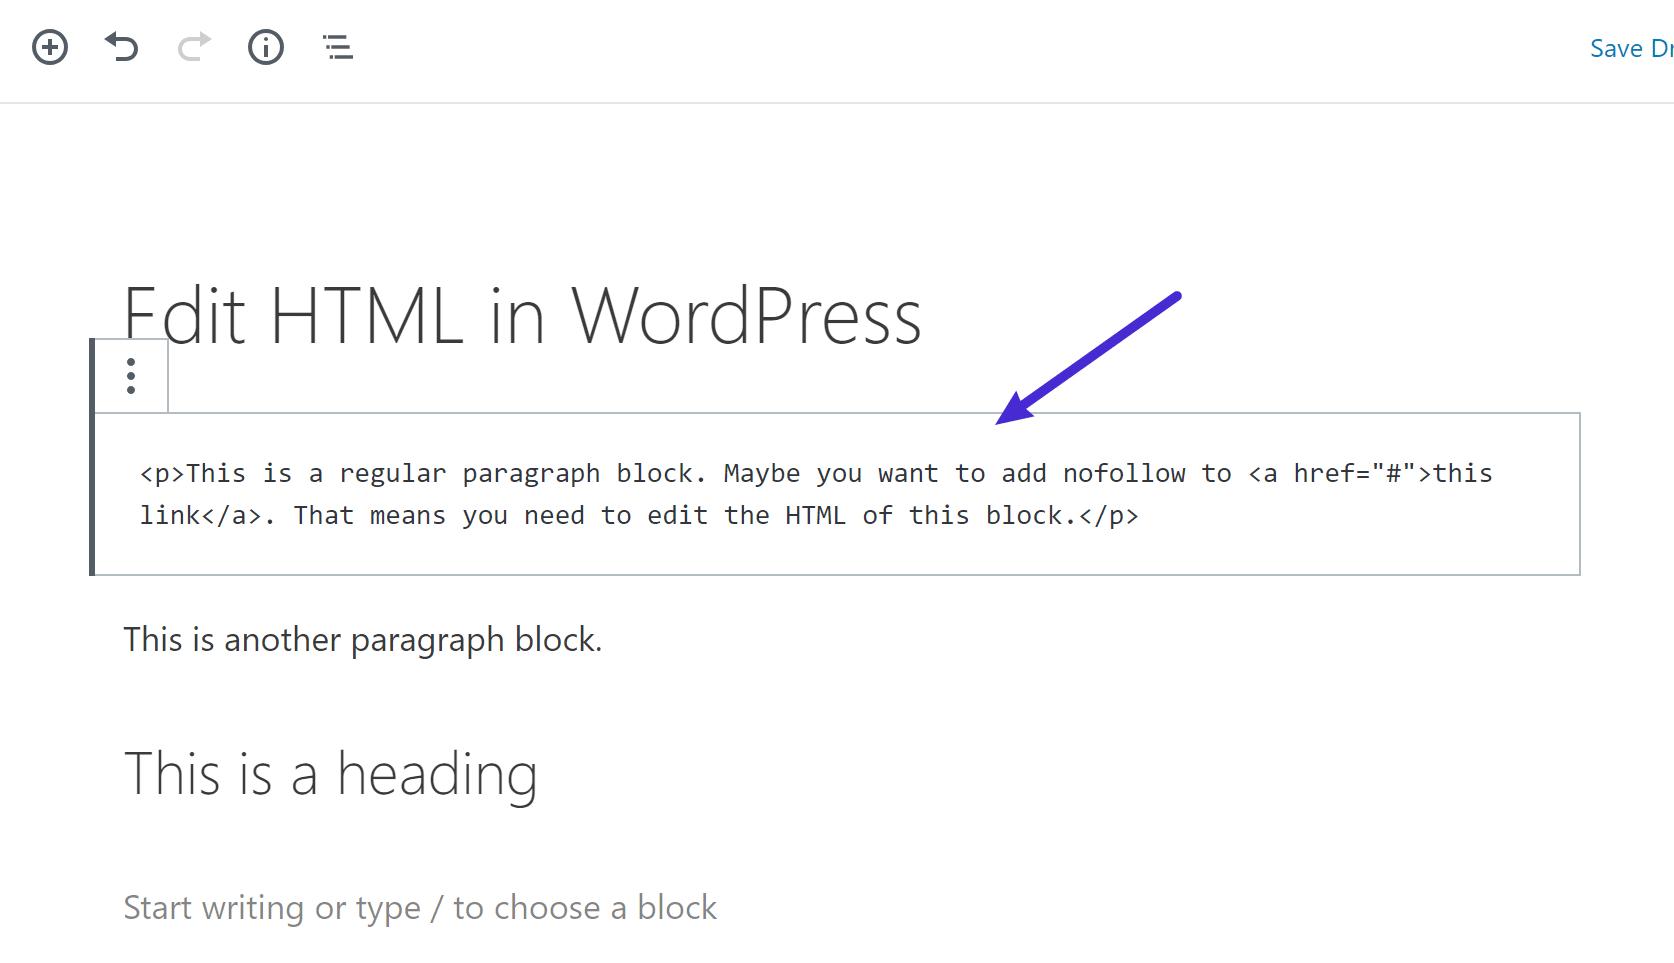 Voorbeeld van het bewerken van de HTML van een blok